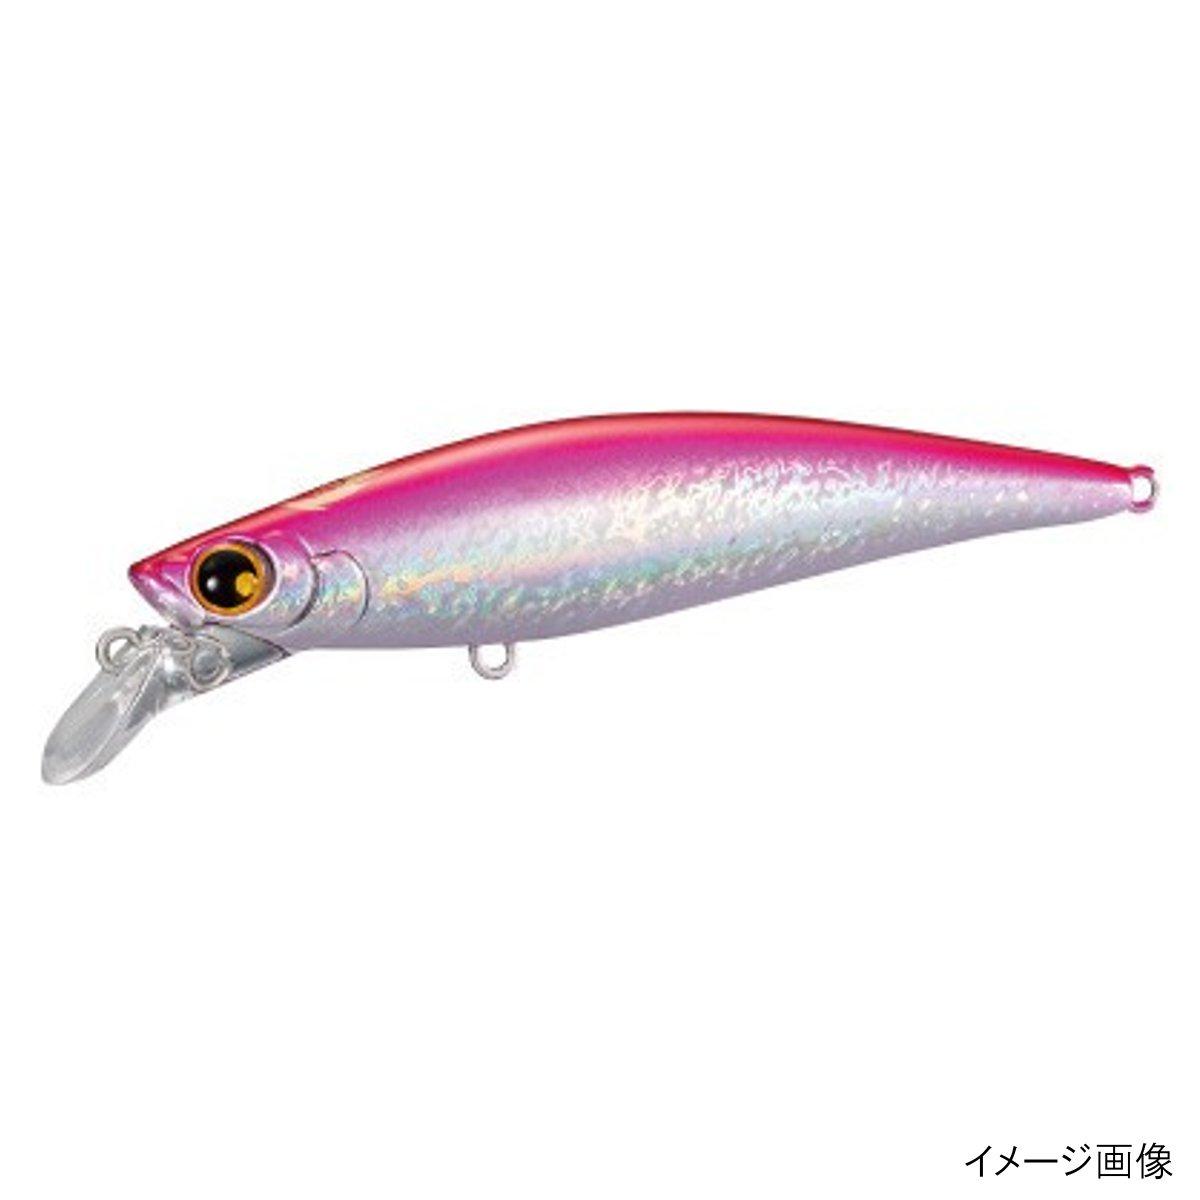 シマノ 熱砂 スピンドリフト 90HS OM-0904 47T カガヤキヒラメリョク【ゆうパケット】